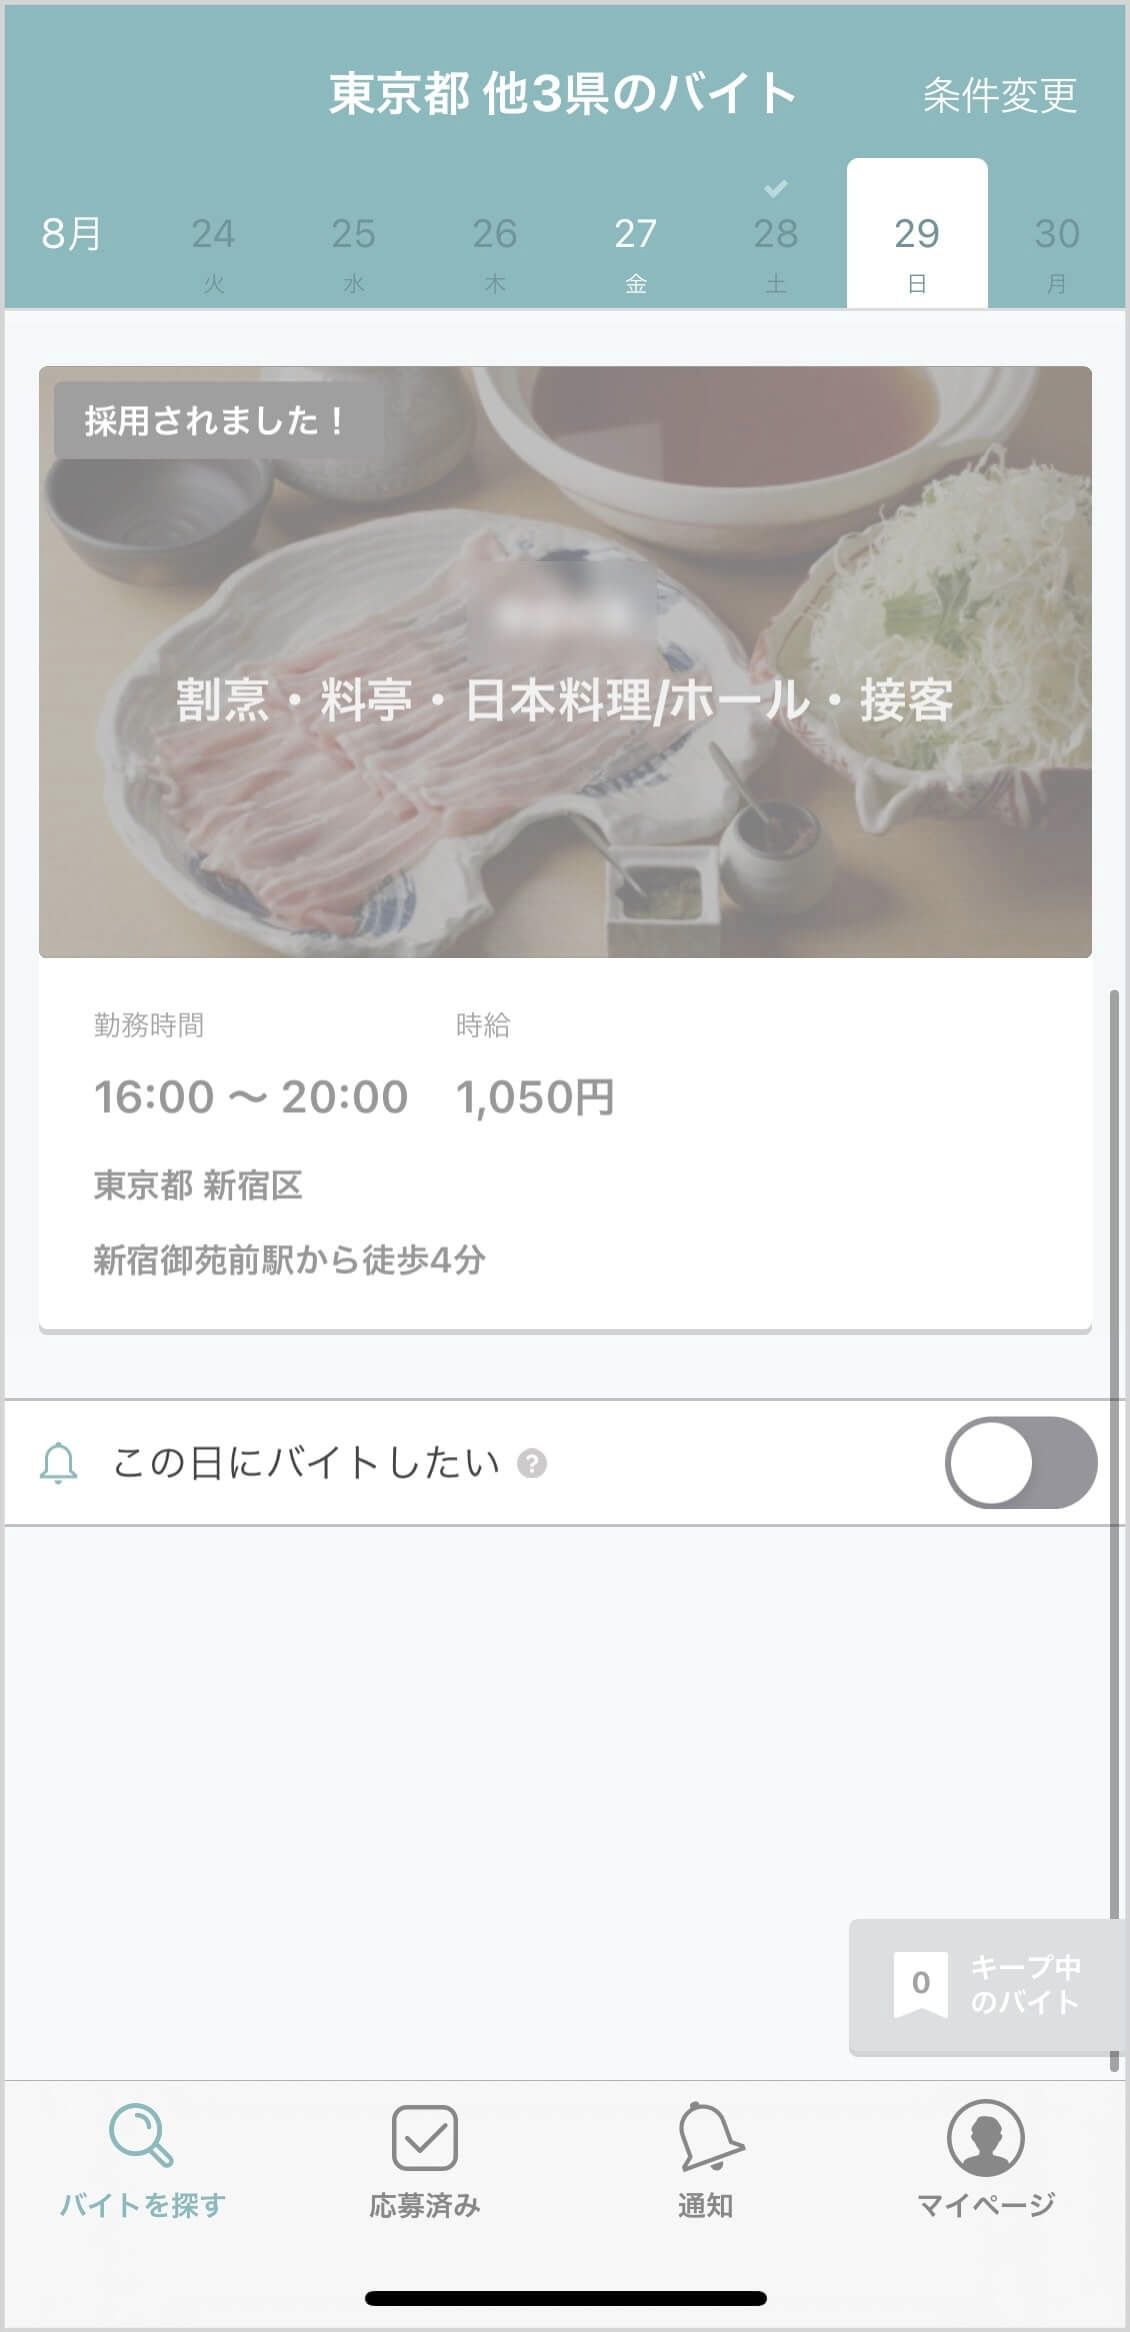 バイトアプリ「ジョブクイッカー」のクチコミ評判